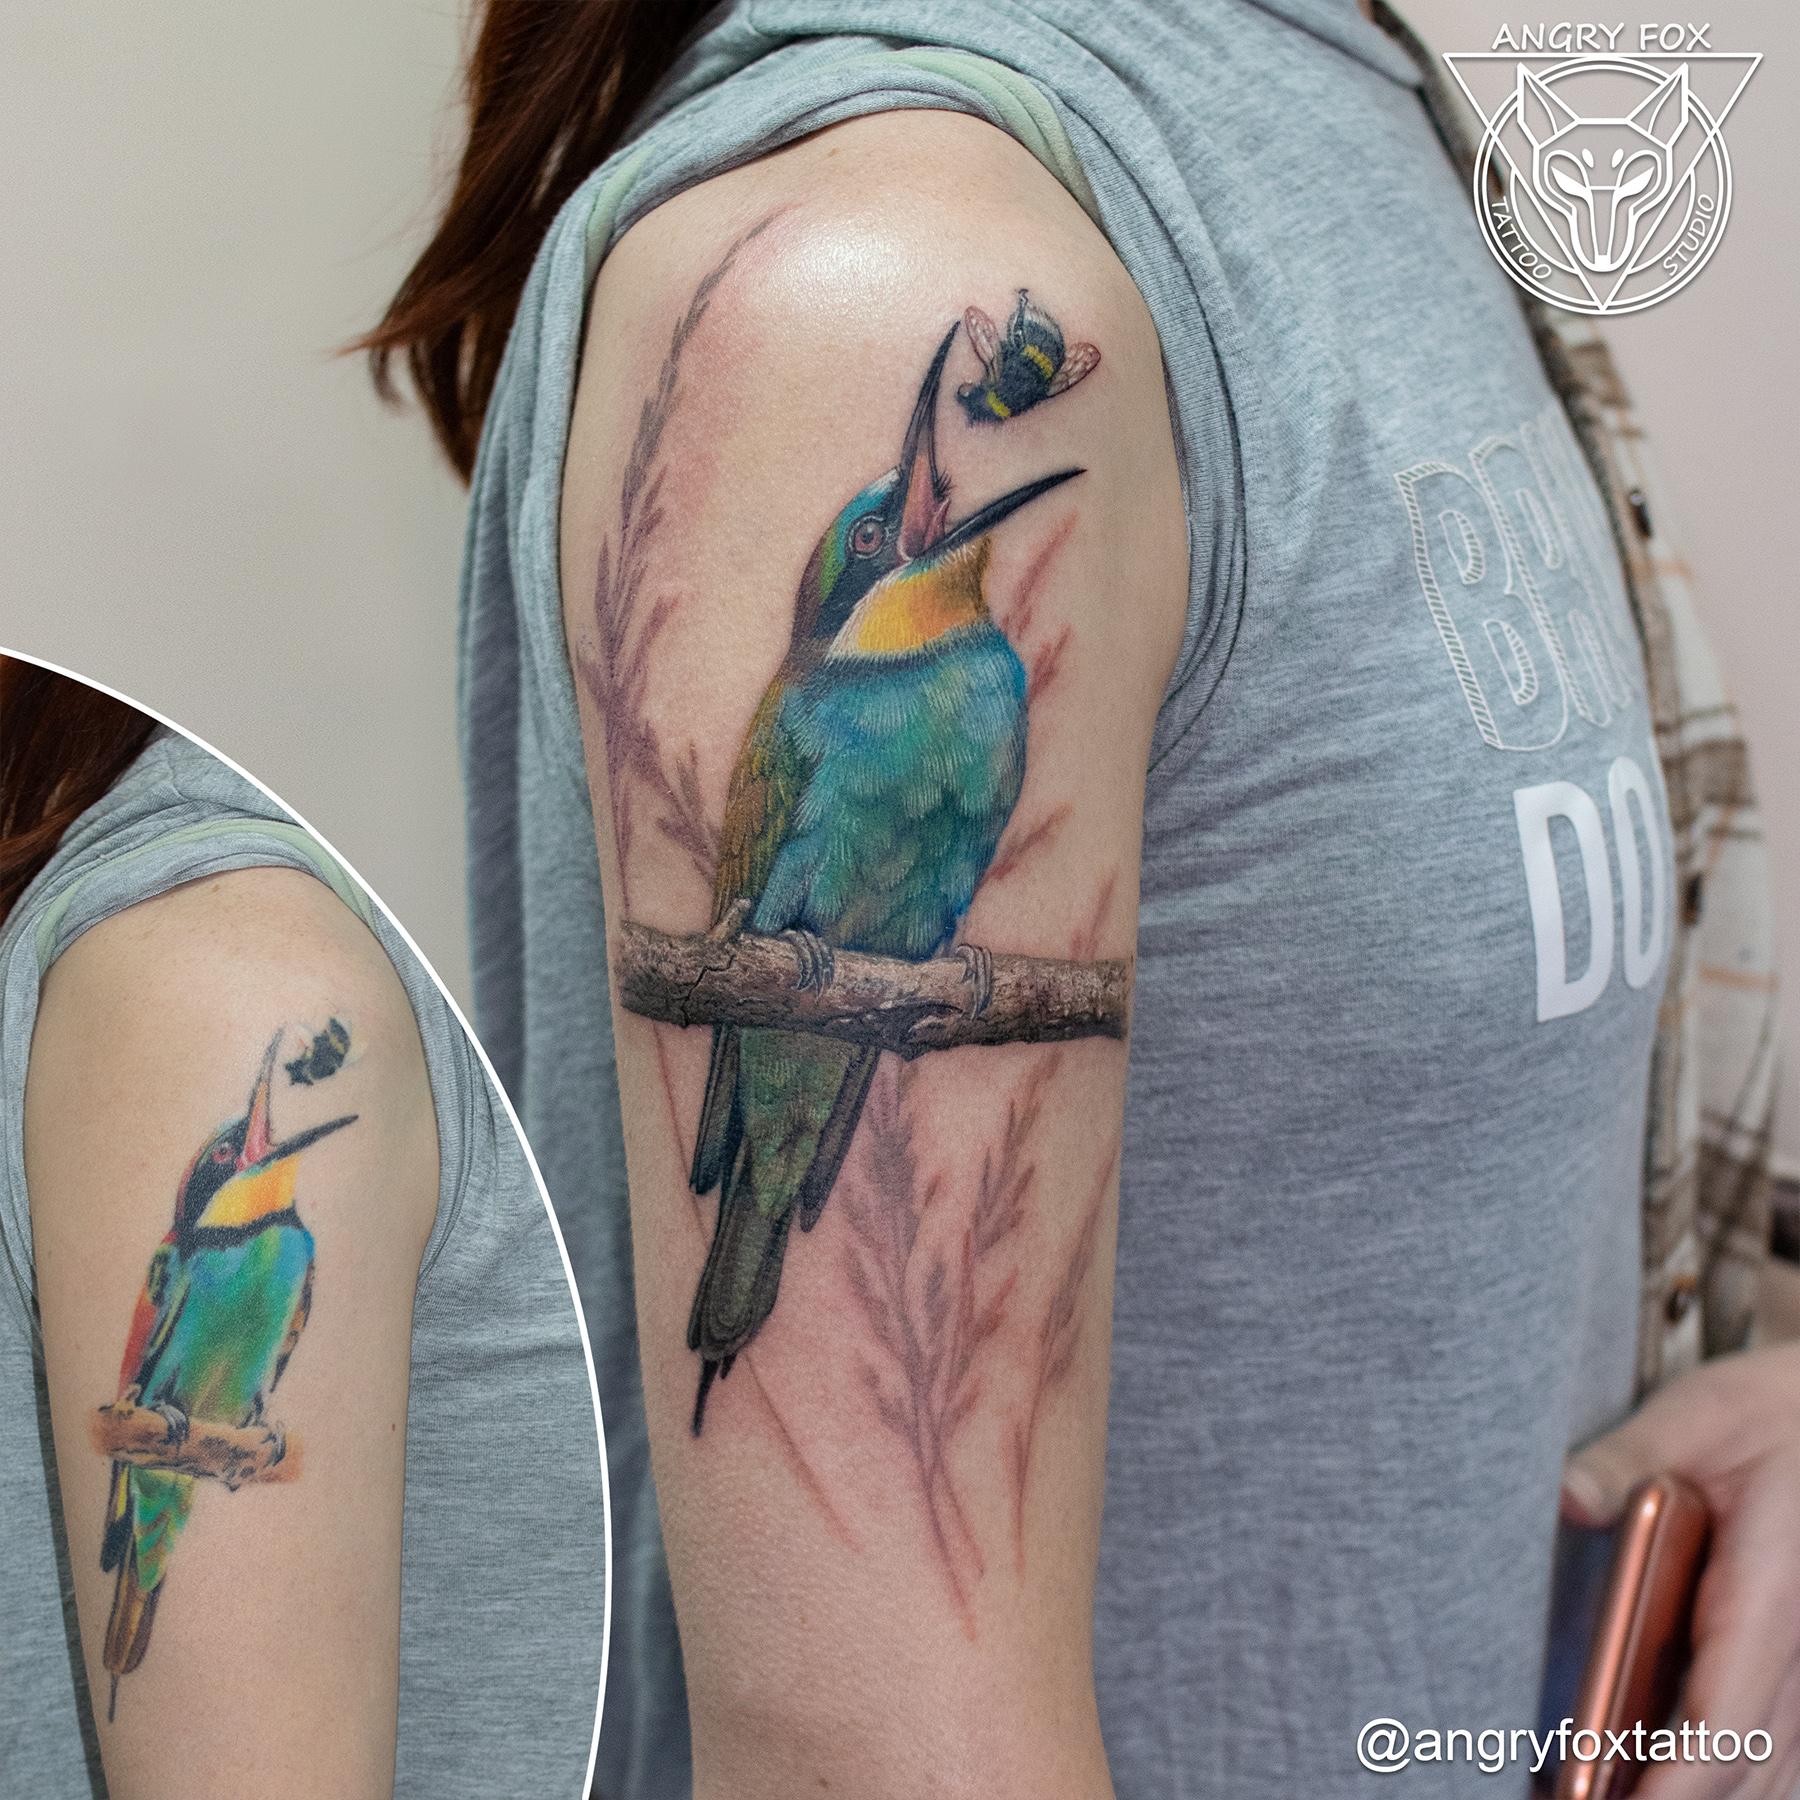 тату, татуировка, плечо, щурка, перекрытие, пчела, колоски, птица, природа, ветка, цветная, ест, фото, насекомое, хищник, после, реализм, реалистичная